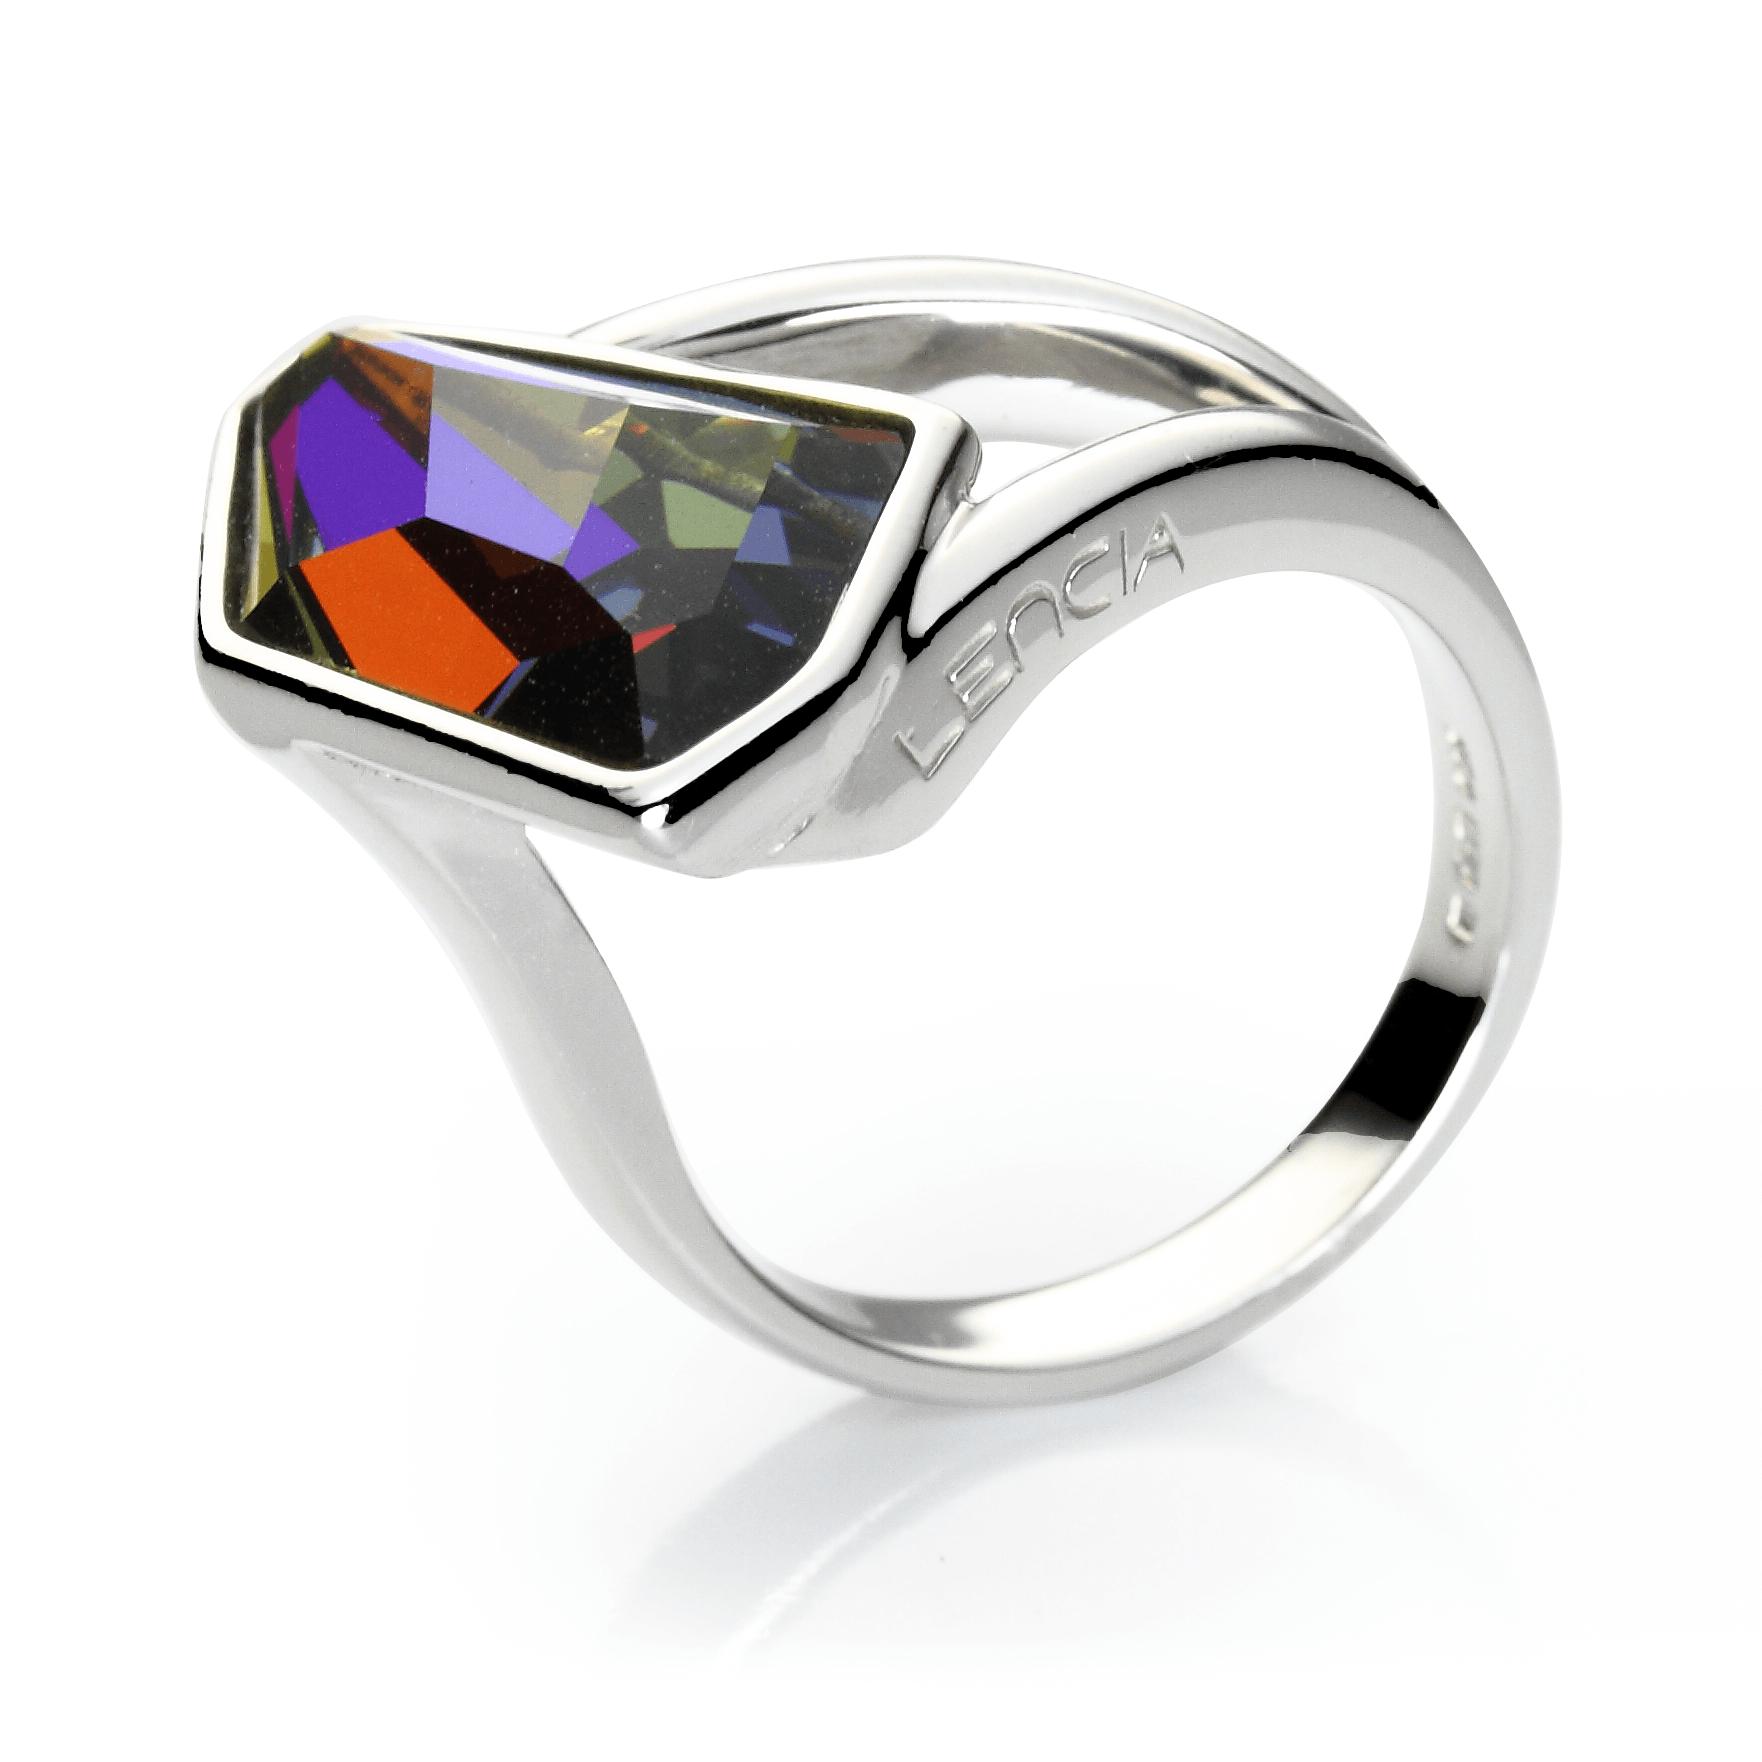 Prstensrebro 925/000rodiniranoSwarovski kristal 18x10